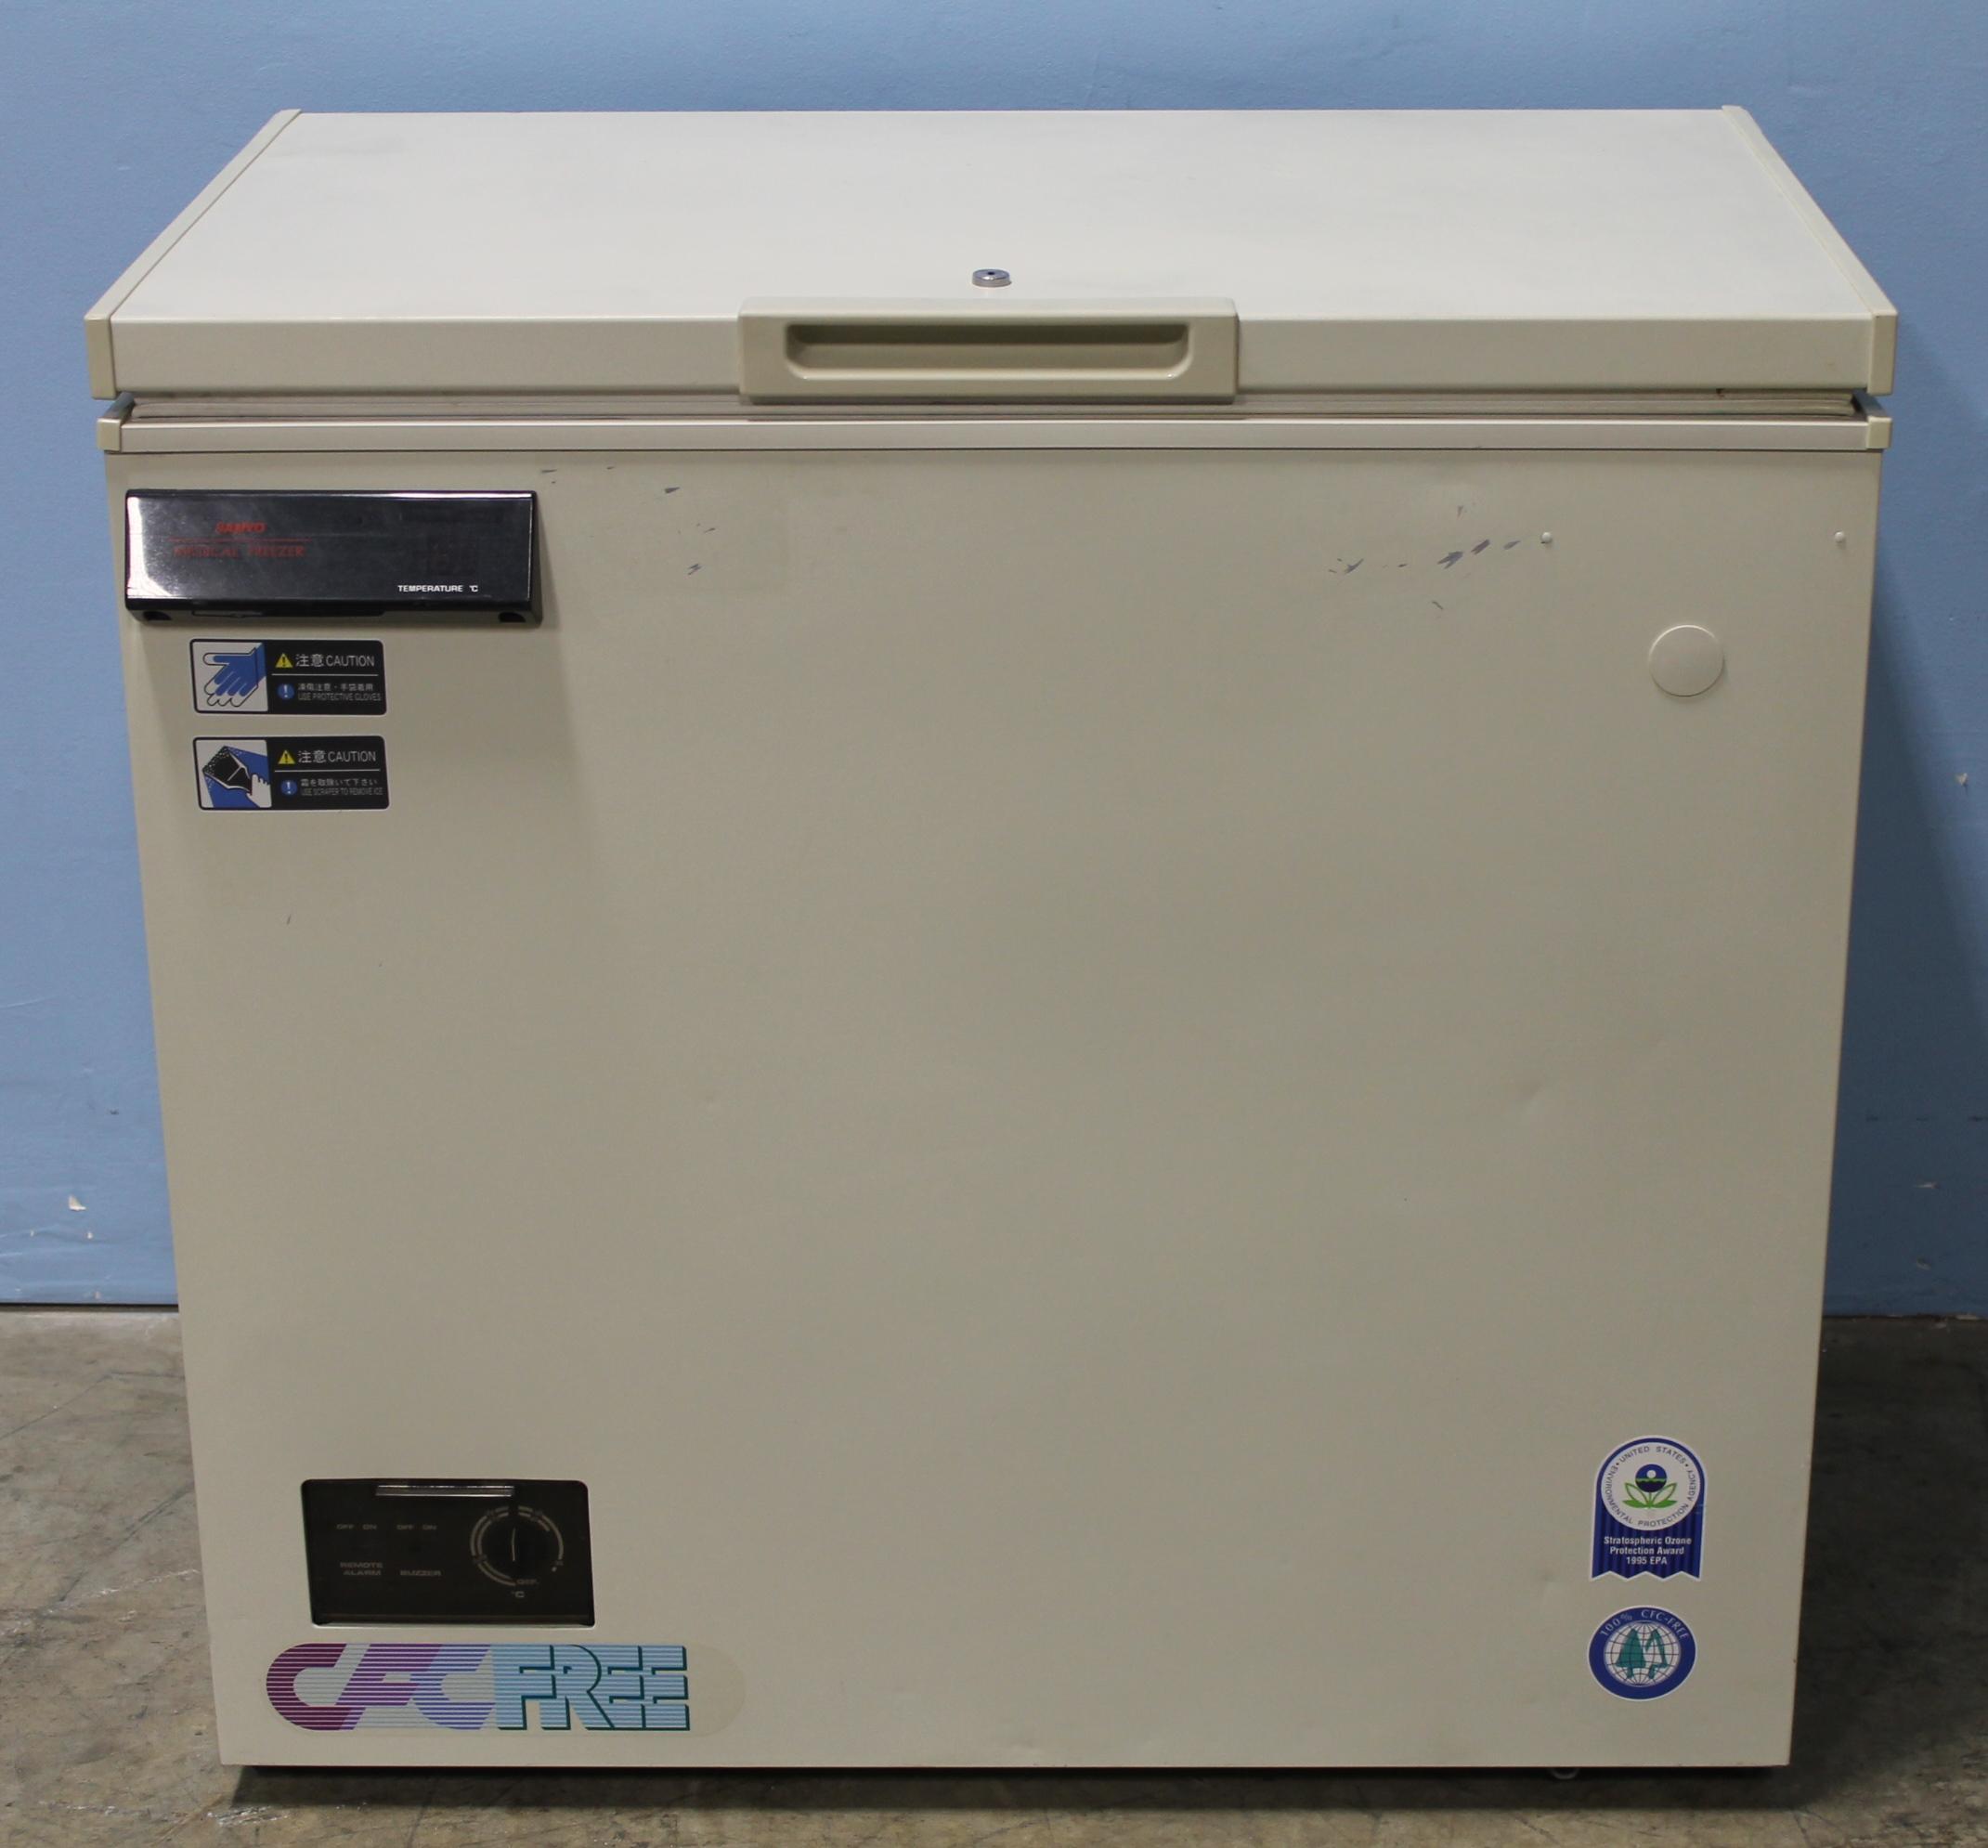 Sanyo MDF 235 Chest Medical Freezer Image